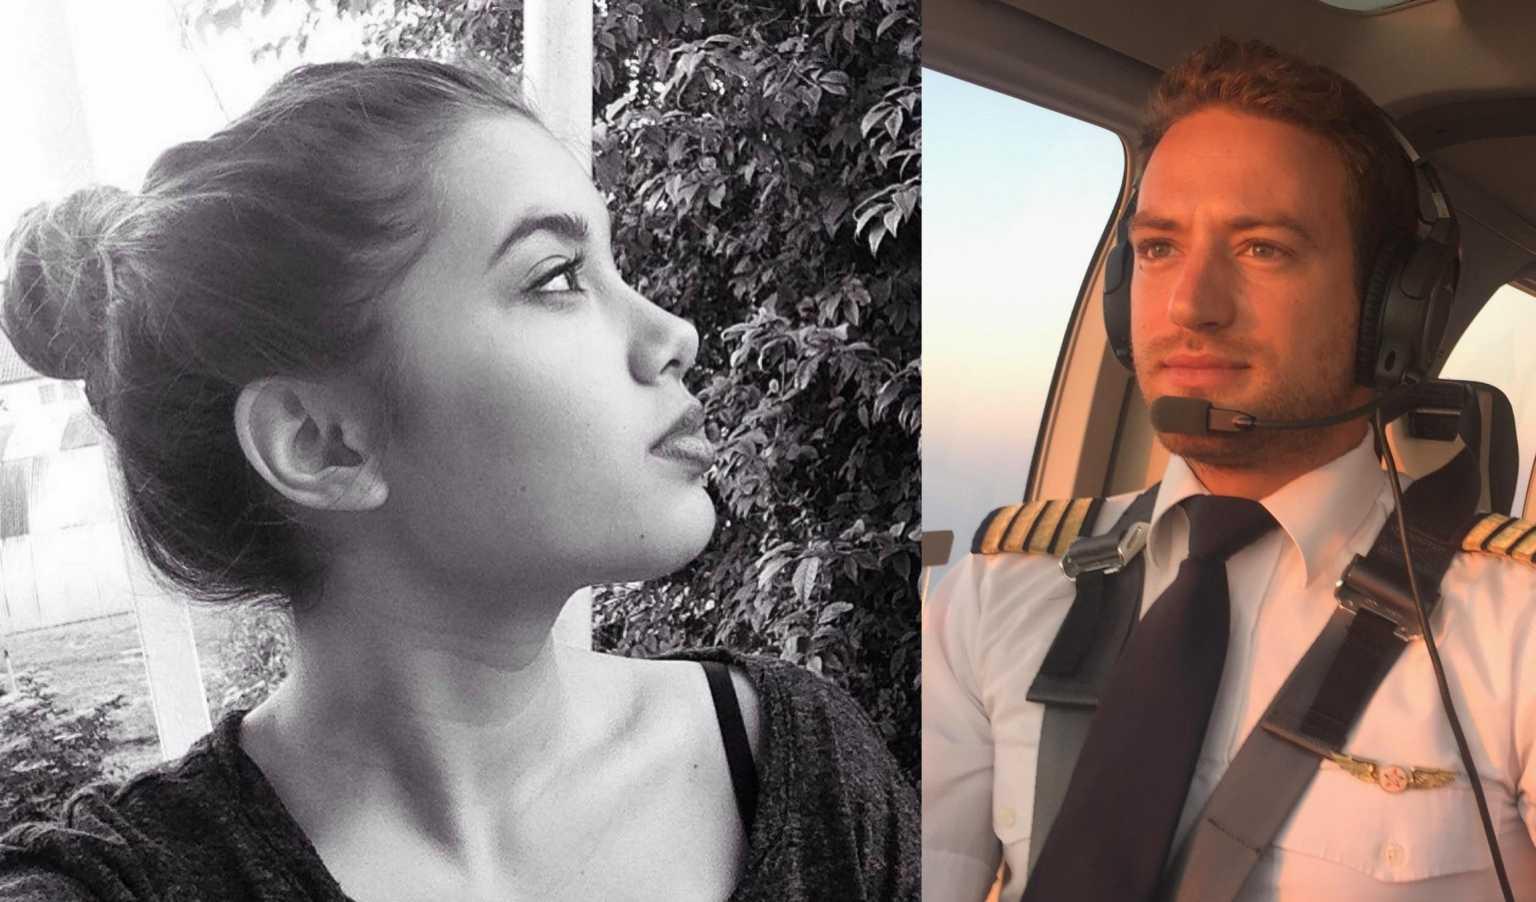 Γλυκά Νερά: Στενεύει ο κλοιός για τους δολοφόνους της Κάρολαϊν